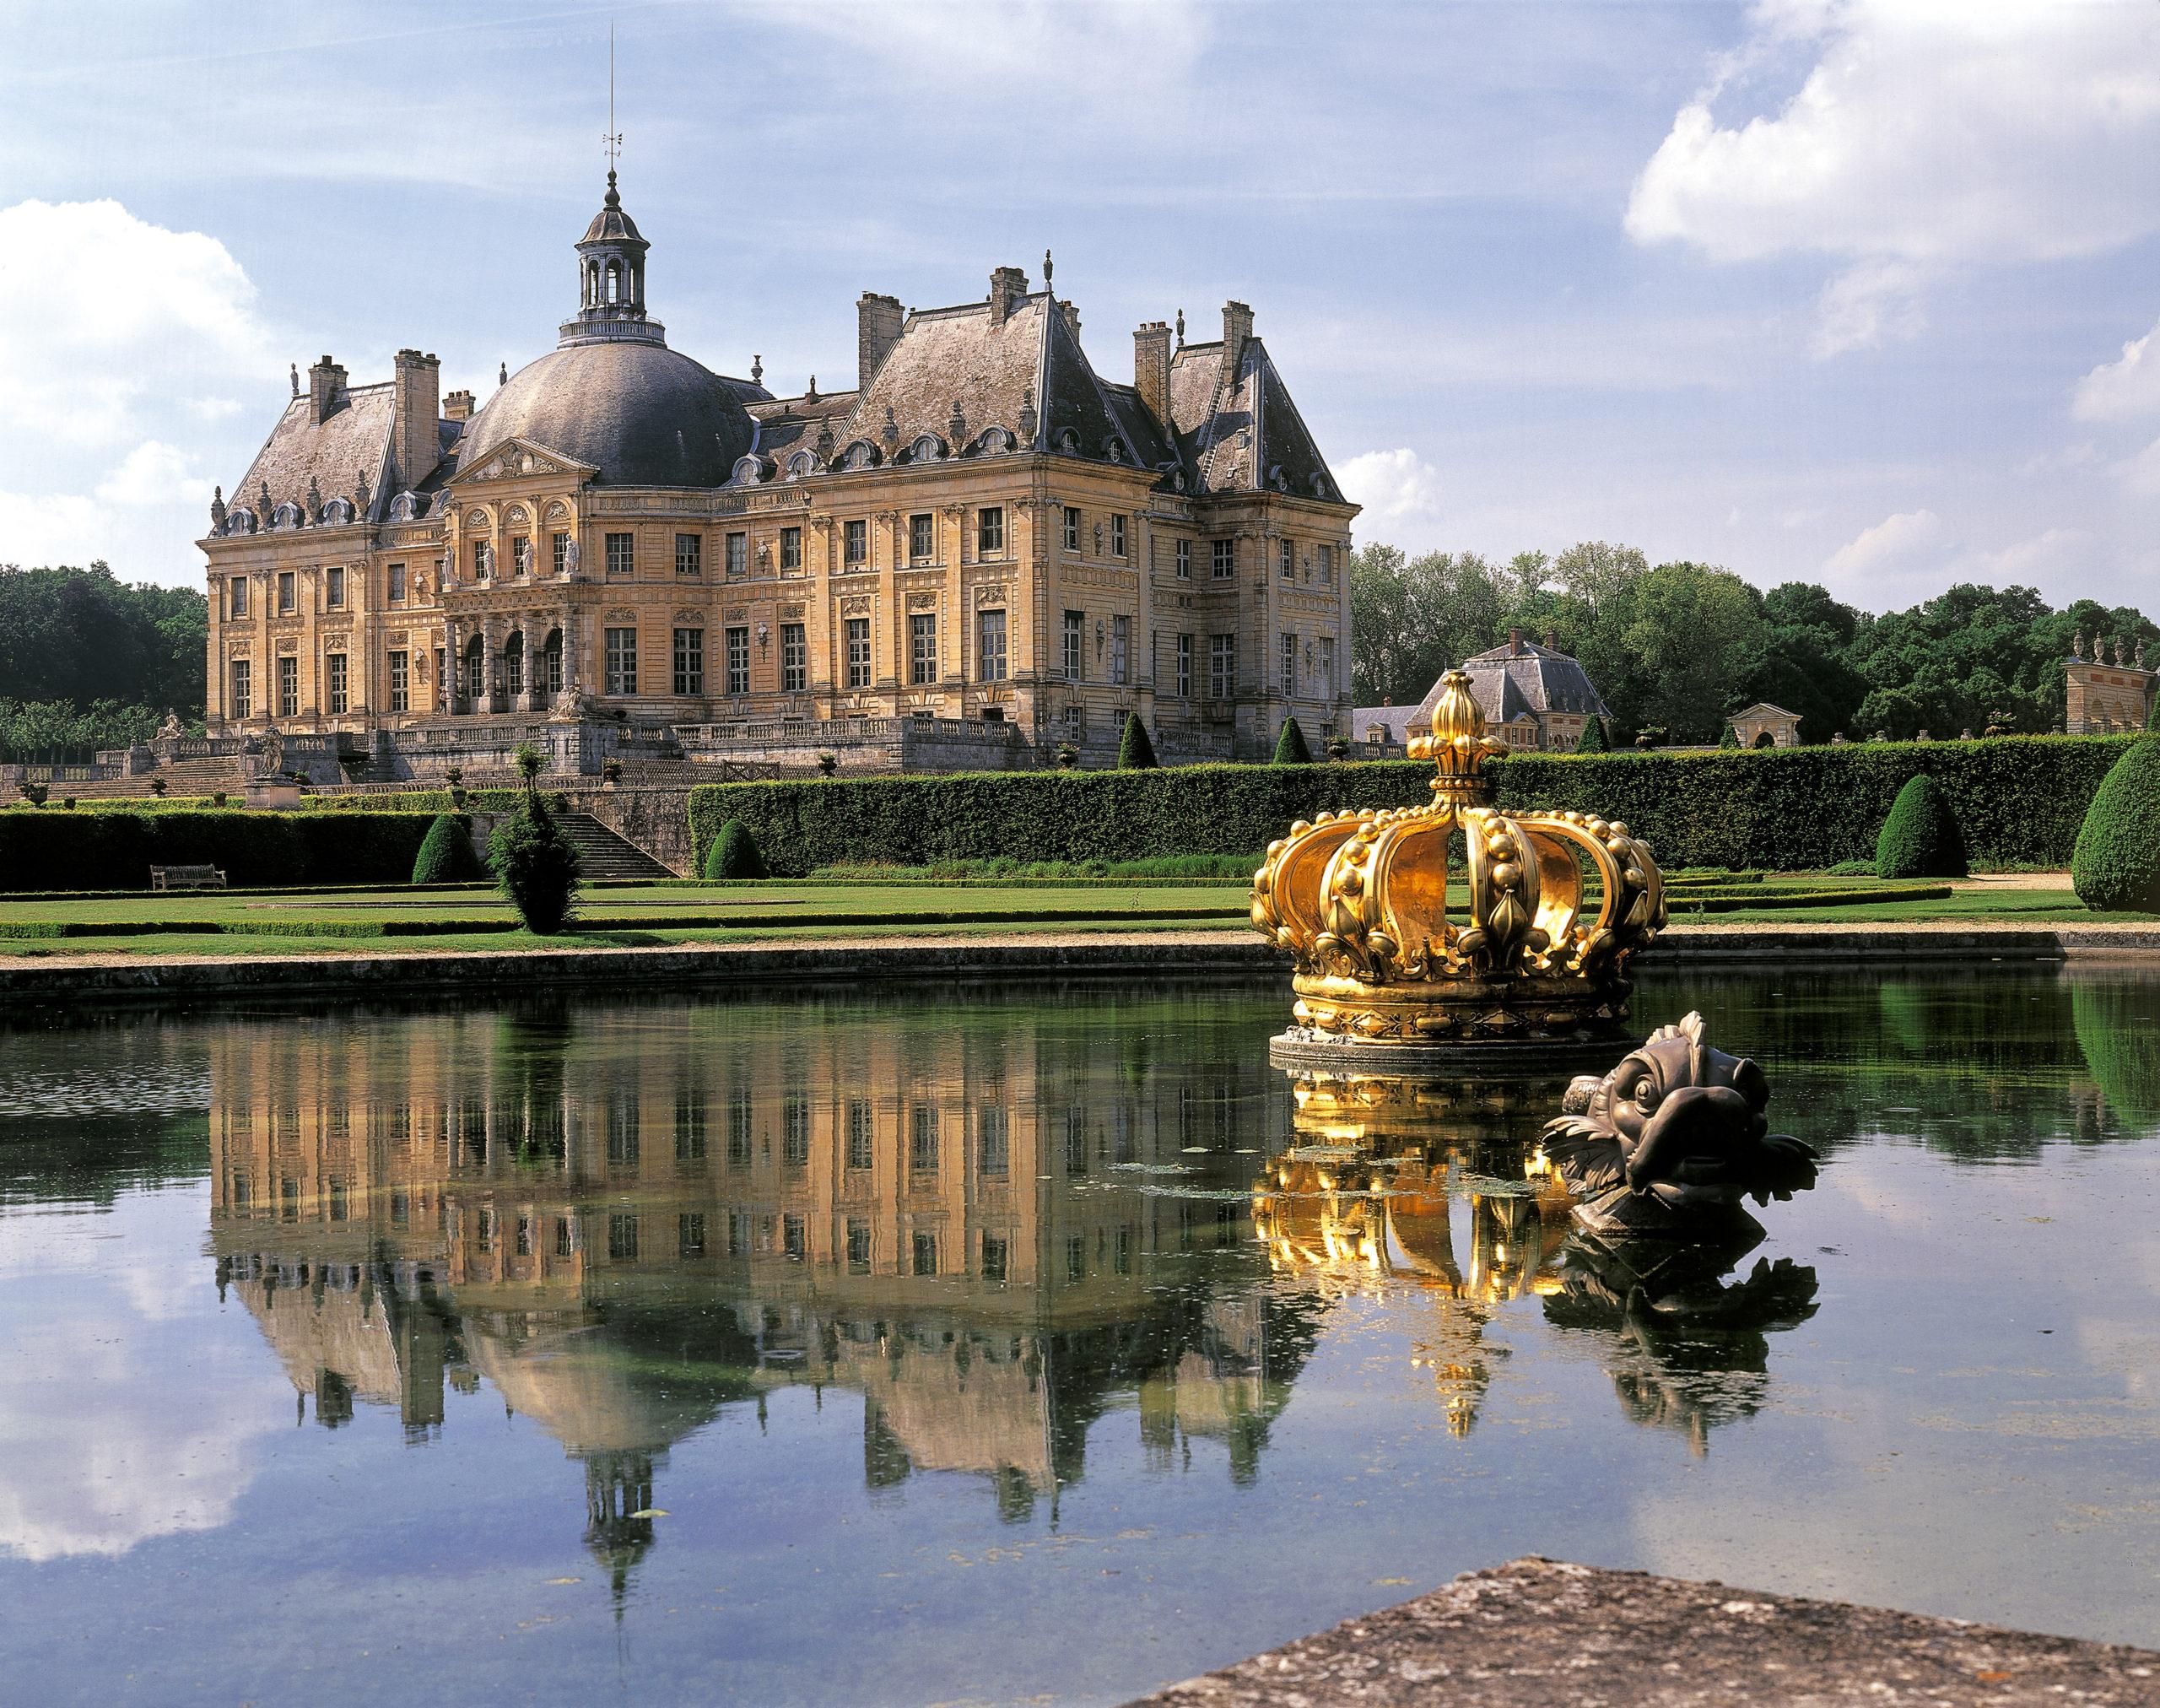 Château de Vaux-le-Vicomte, Maincy, Seine et Marne, Ile de France, Location de luxe, Adresses Exclusives